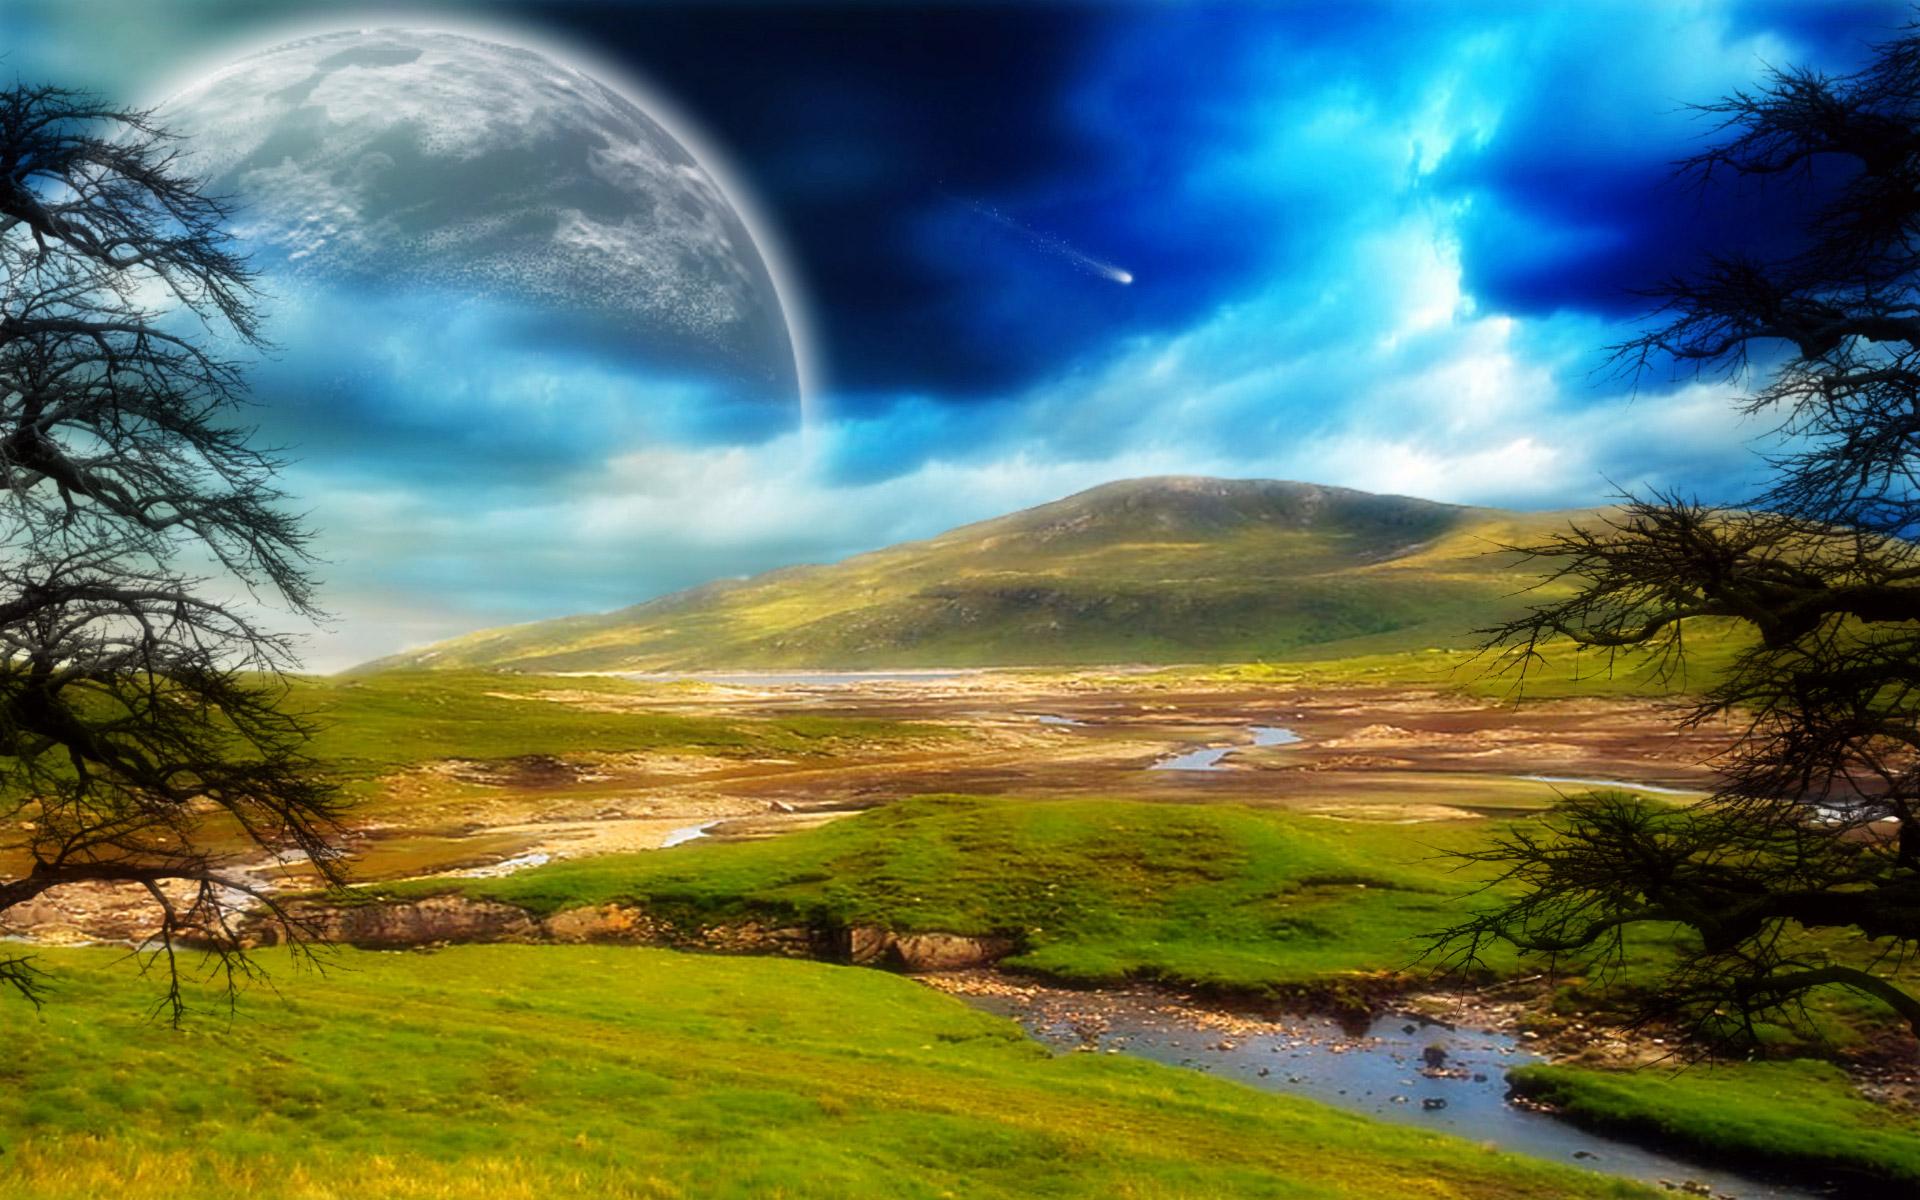 moon landscape wallpaper